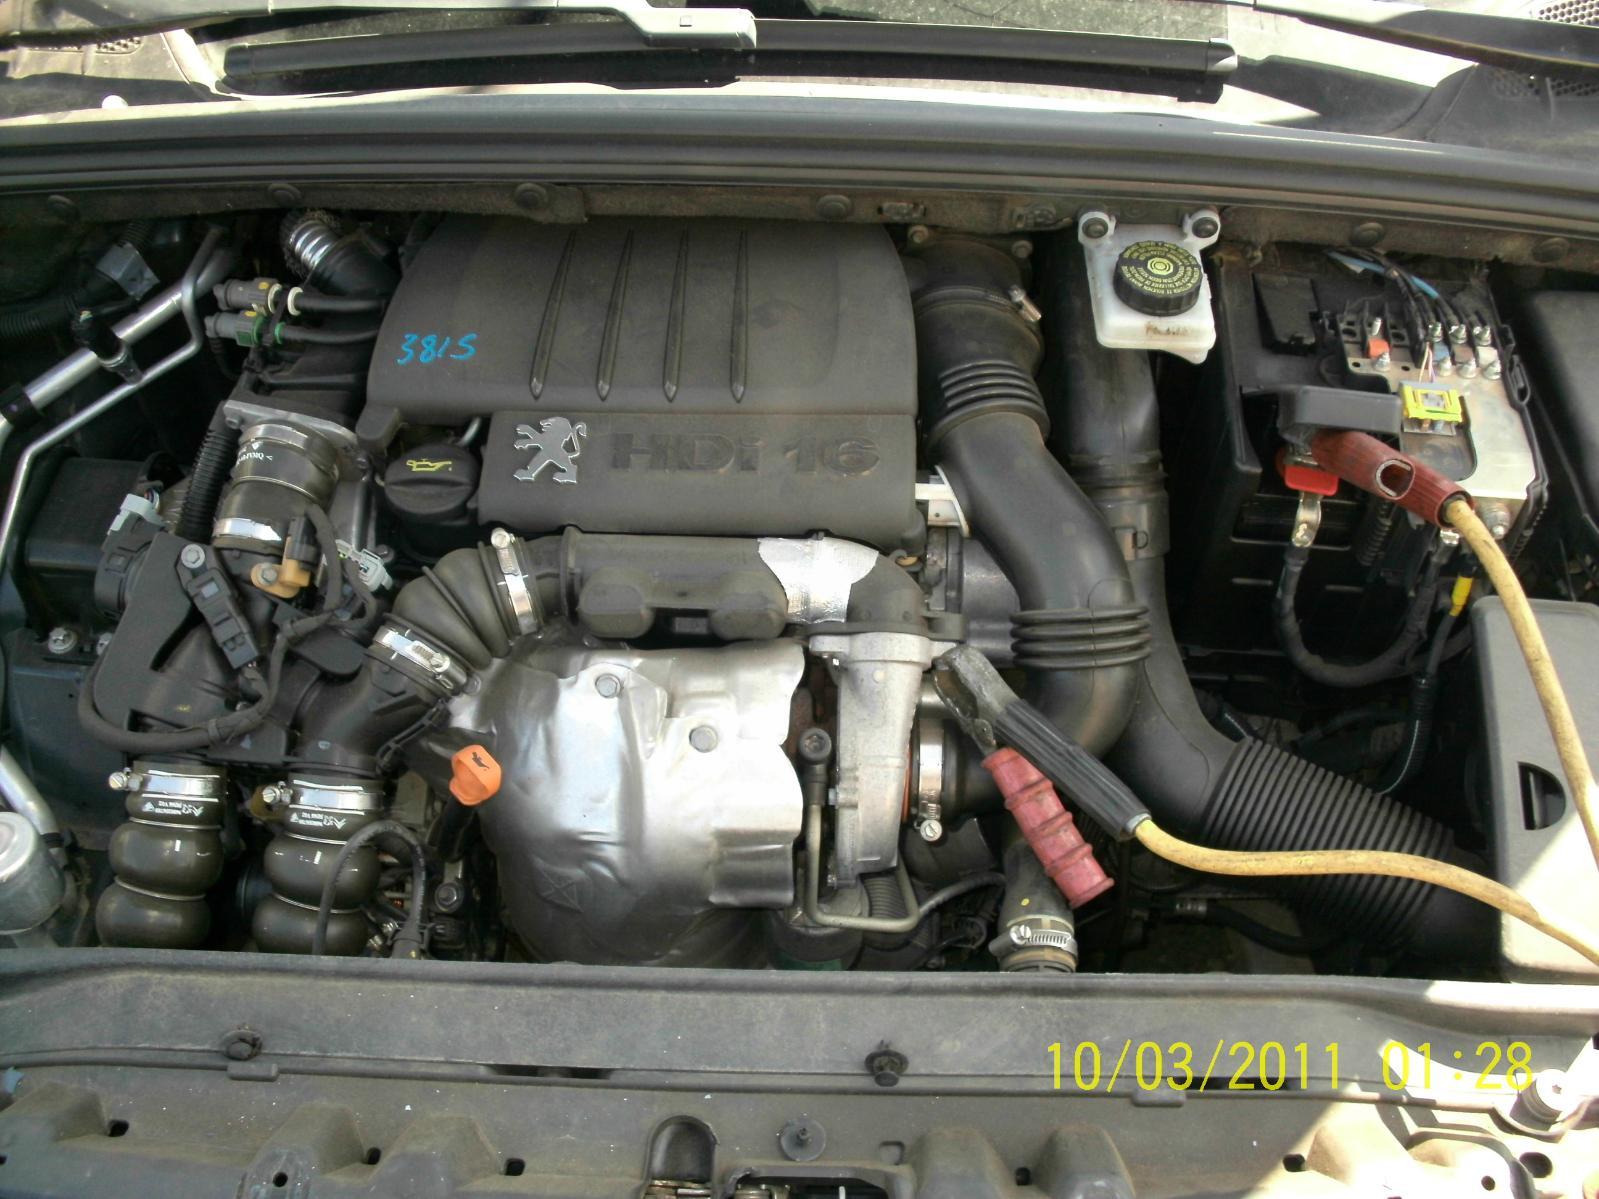 peugeot 308 engine diesel 1 6 t7 dv6ted4 code vin vf34. Black Bedroom Furniture Sets. Home Design Ideas